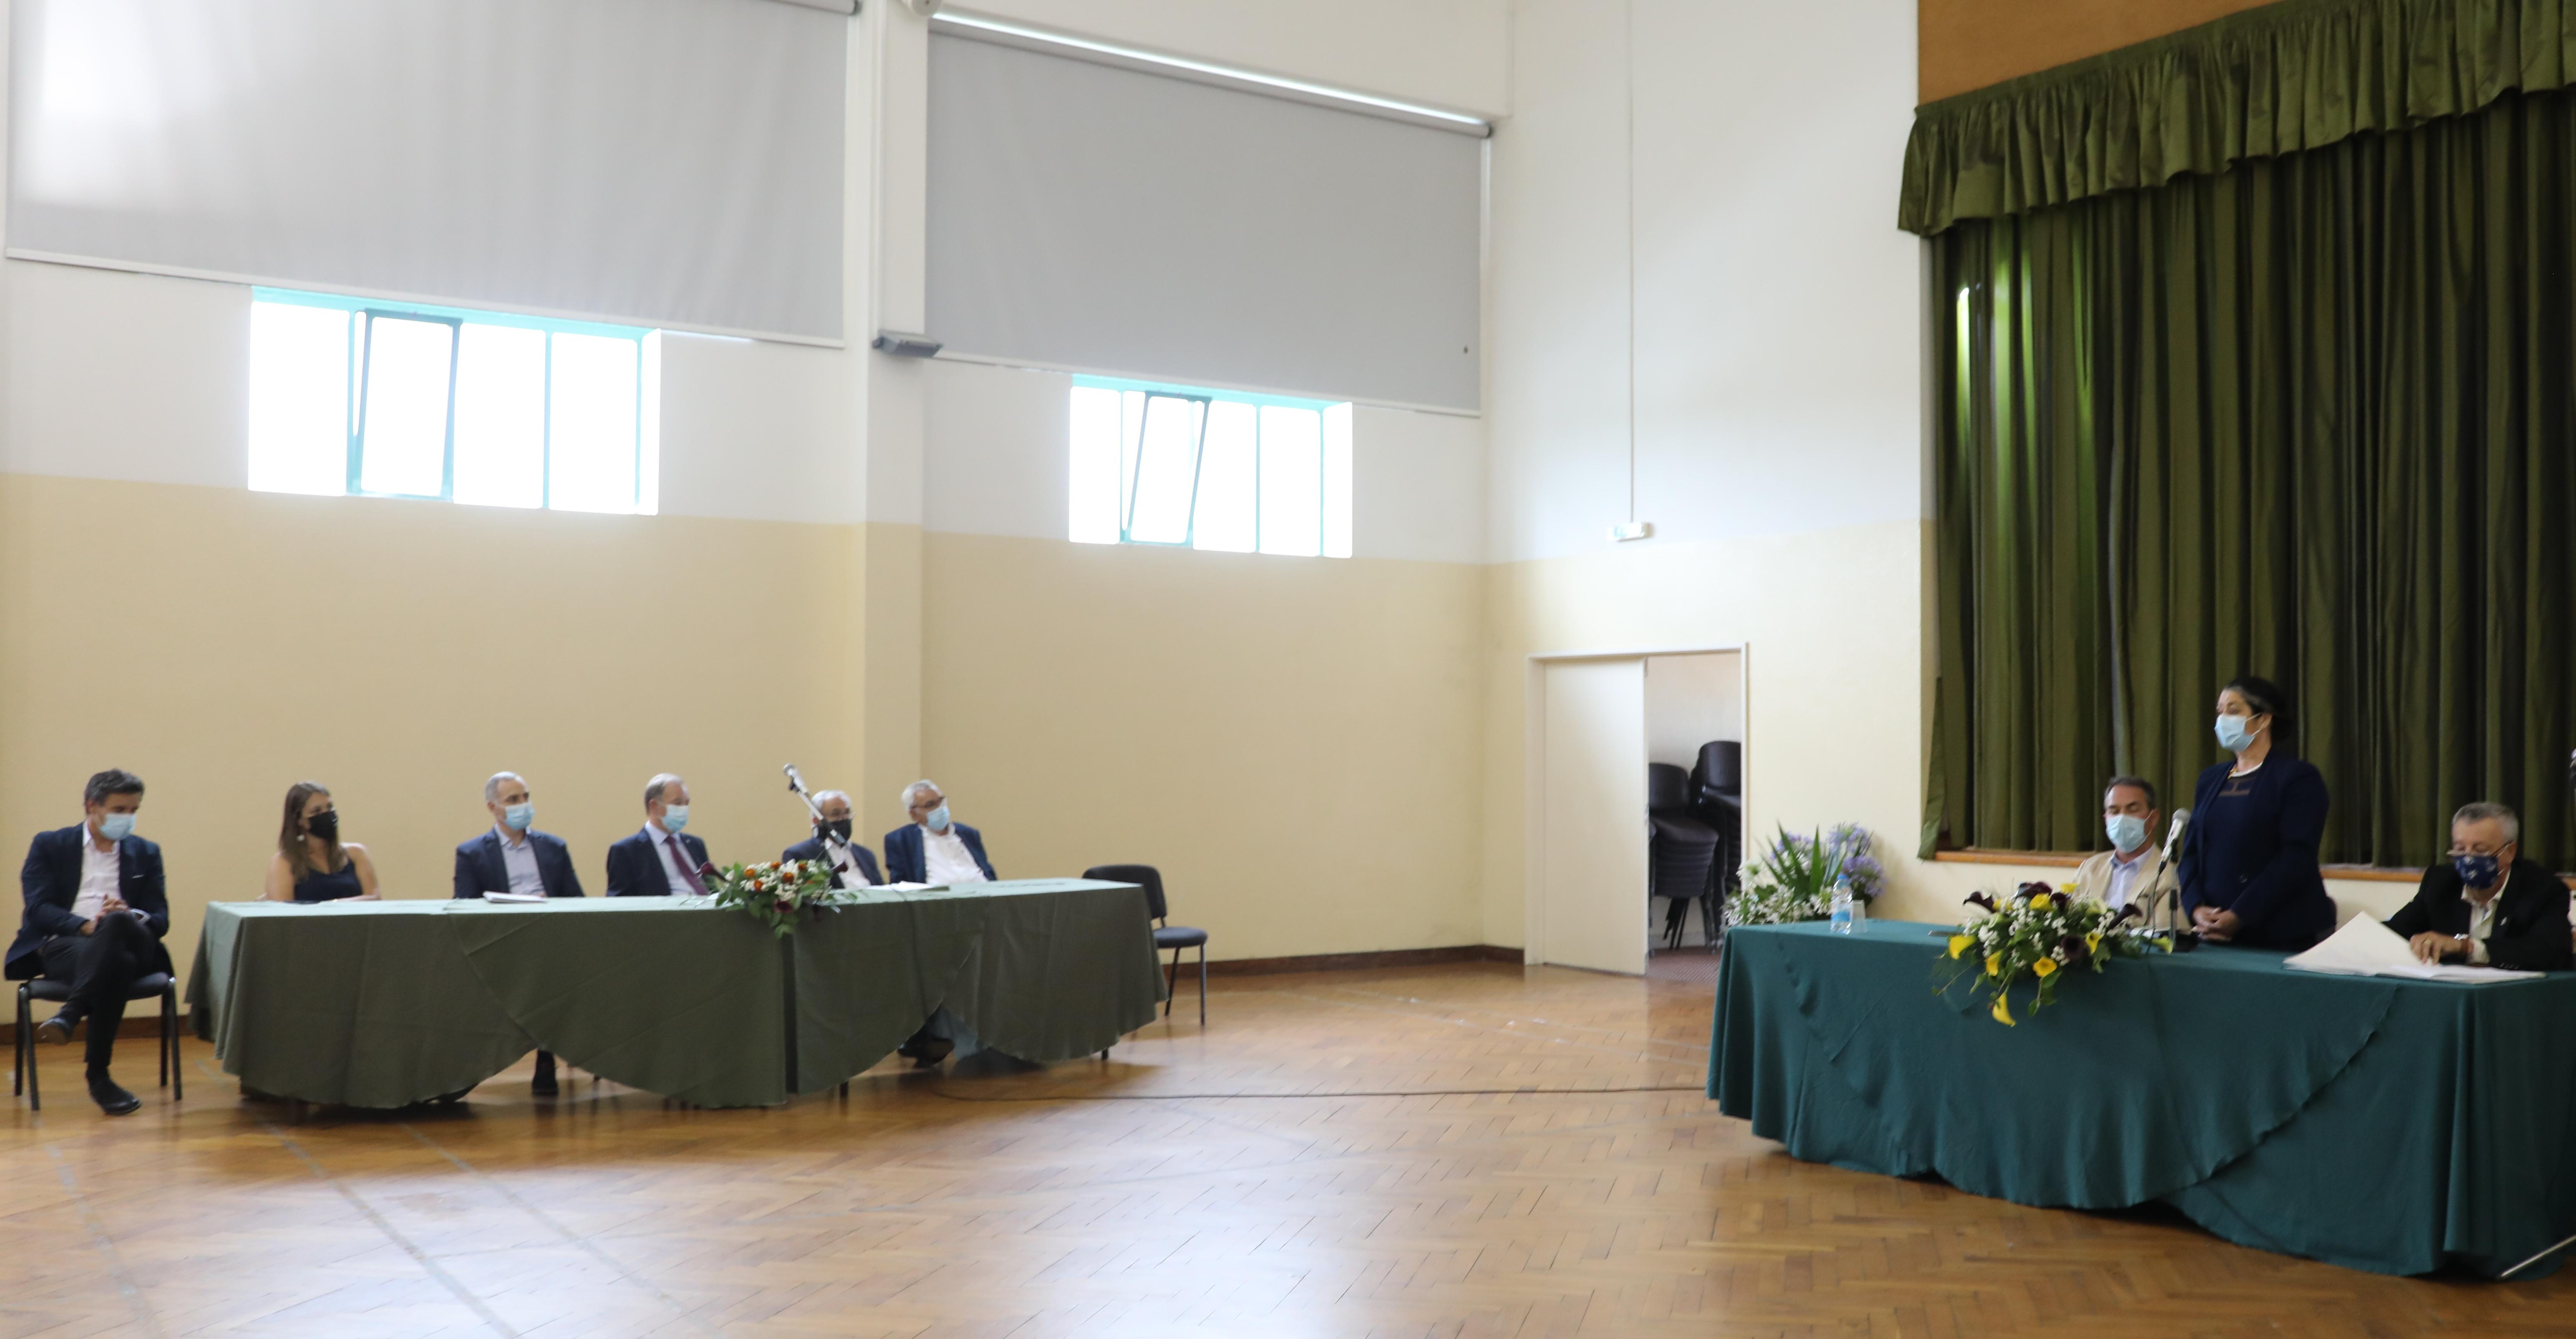 José Lemos tomou posse como Presidente da Direção dos Bombeiros Voluntários de Viatodos